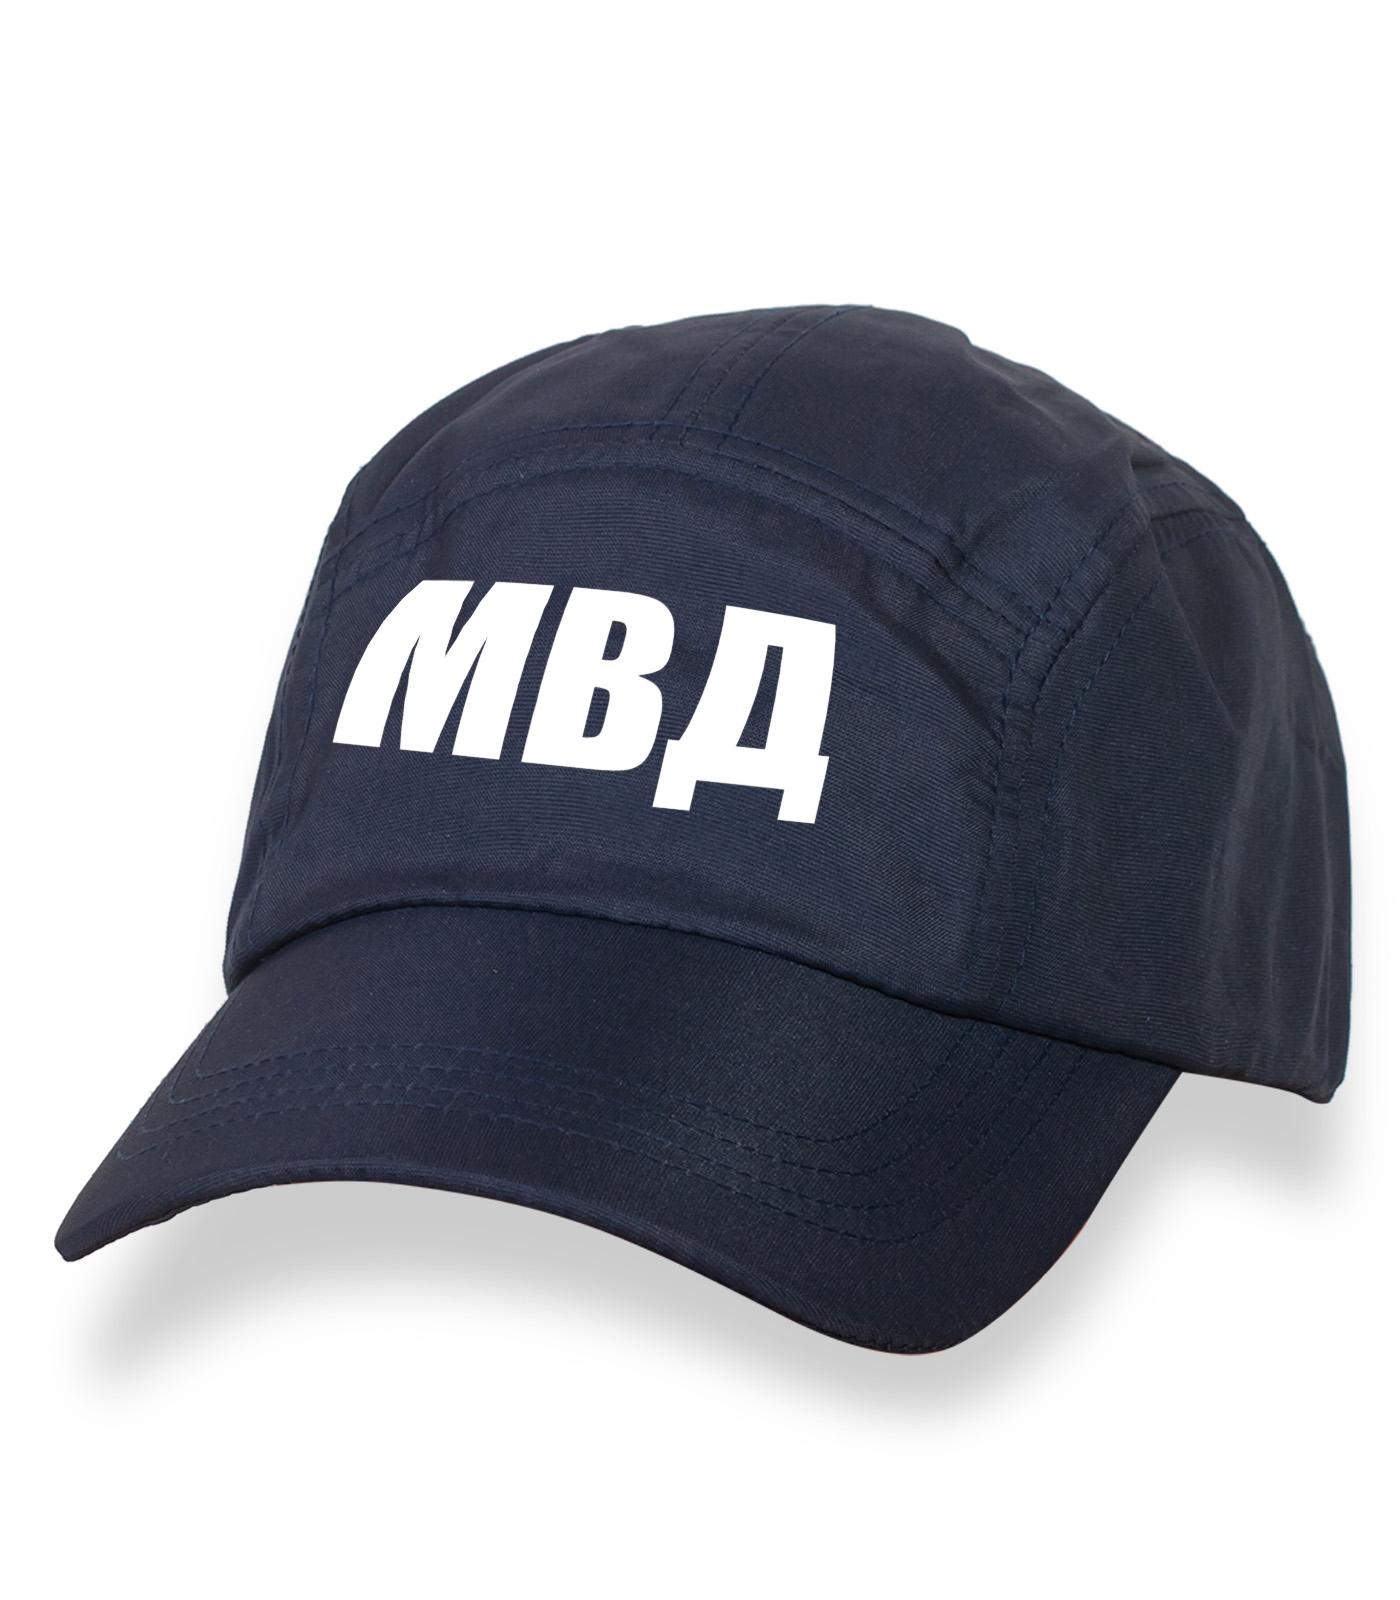 Надежная темно-синяя бейсболка с термонаклейкой МВД